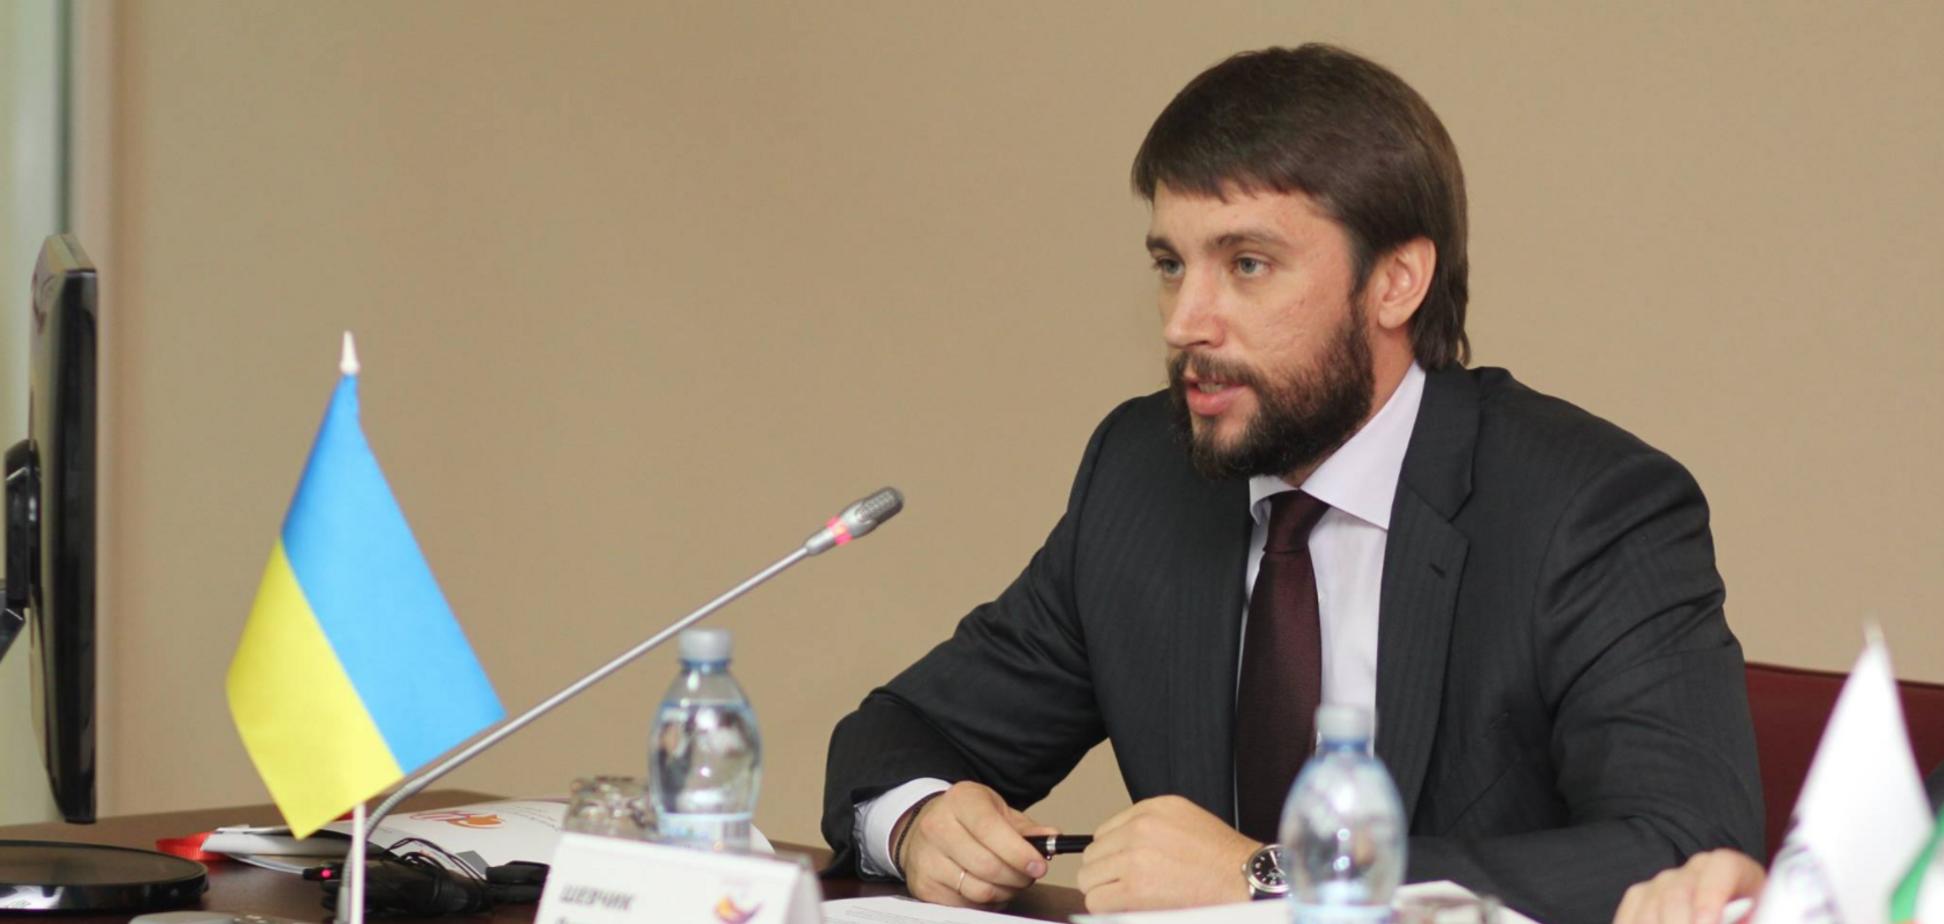 Кандидат на посаду міського голови Кривого Рогу від партії 'Слуга народу' Дмитро Шевчик